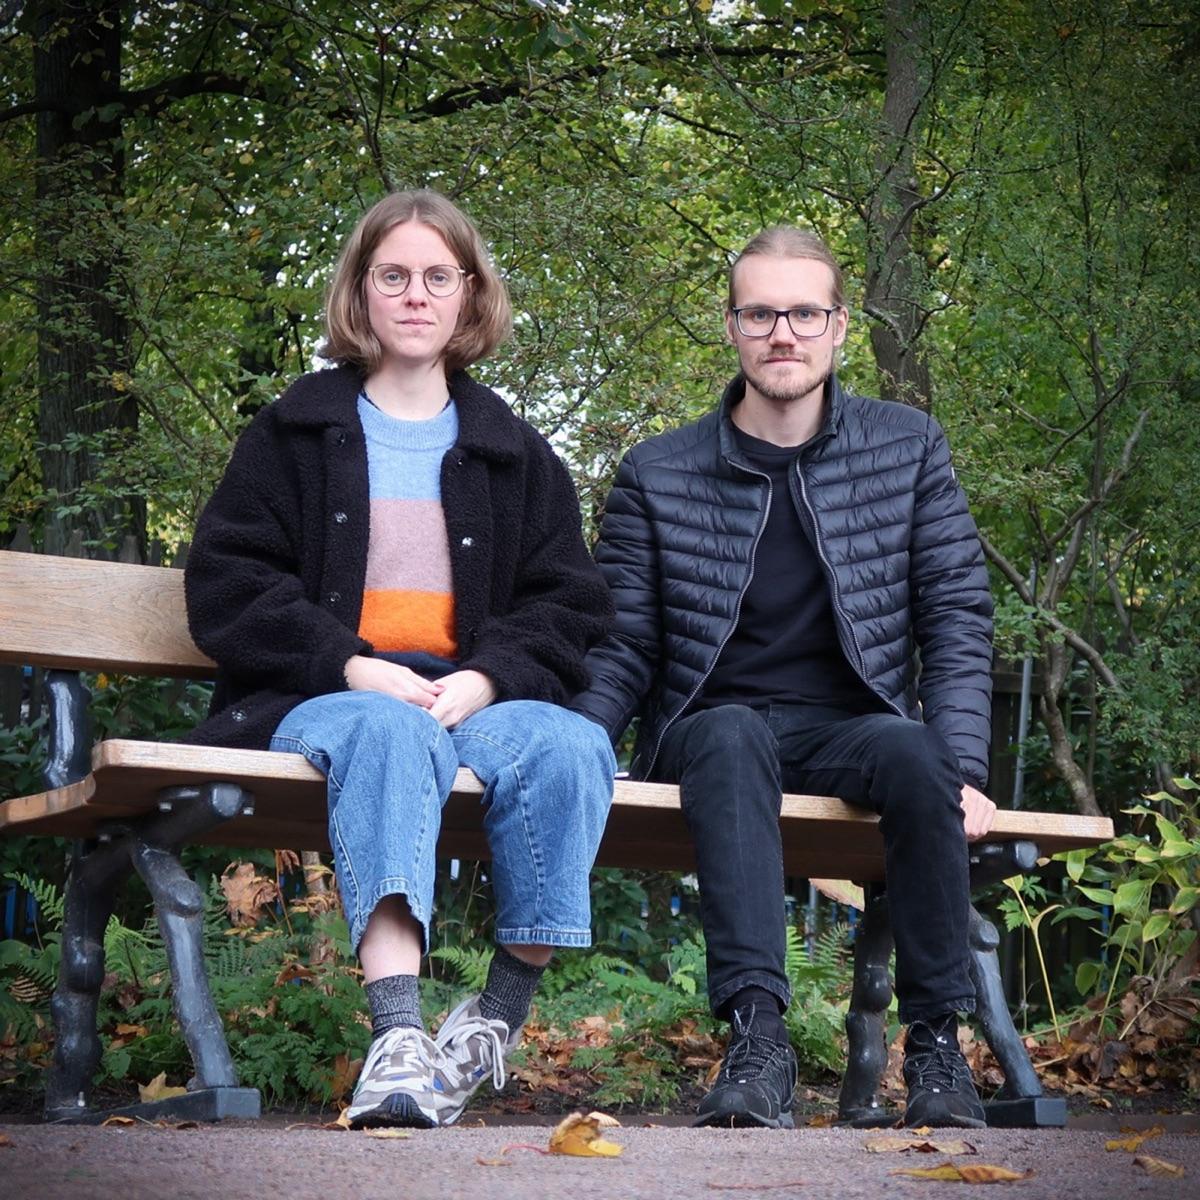 #10 – Mats Berggren skildrar hedersvåld